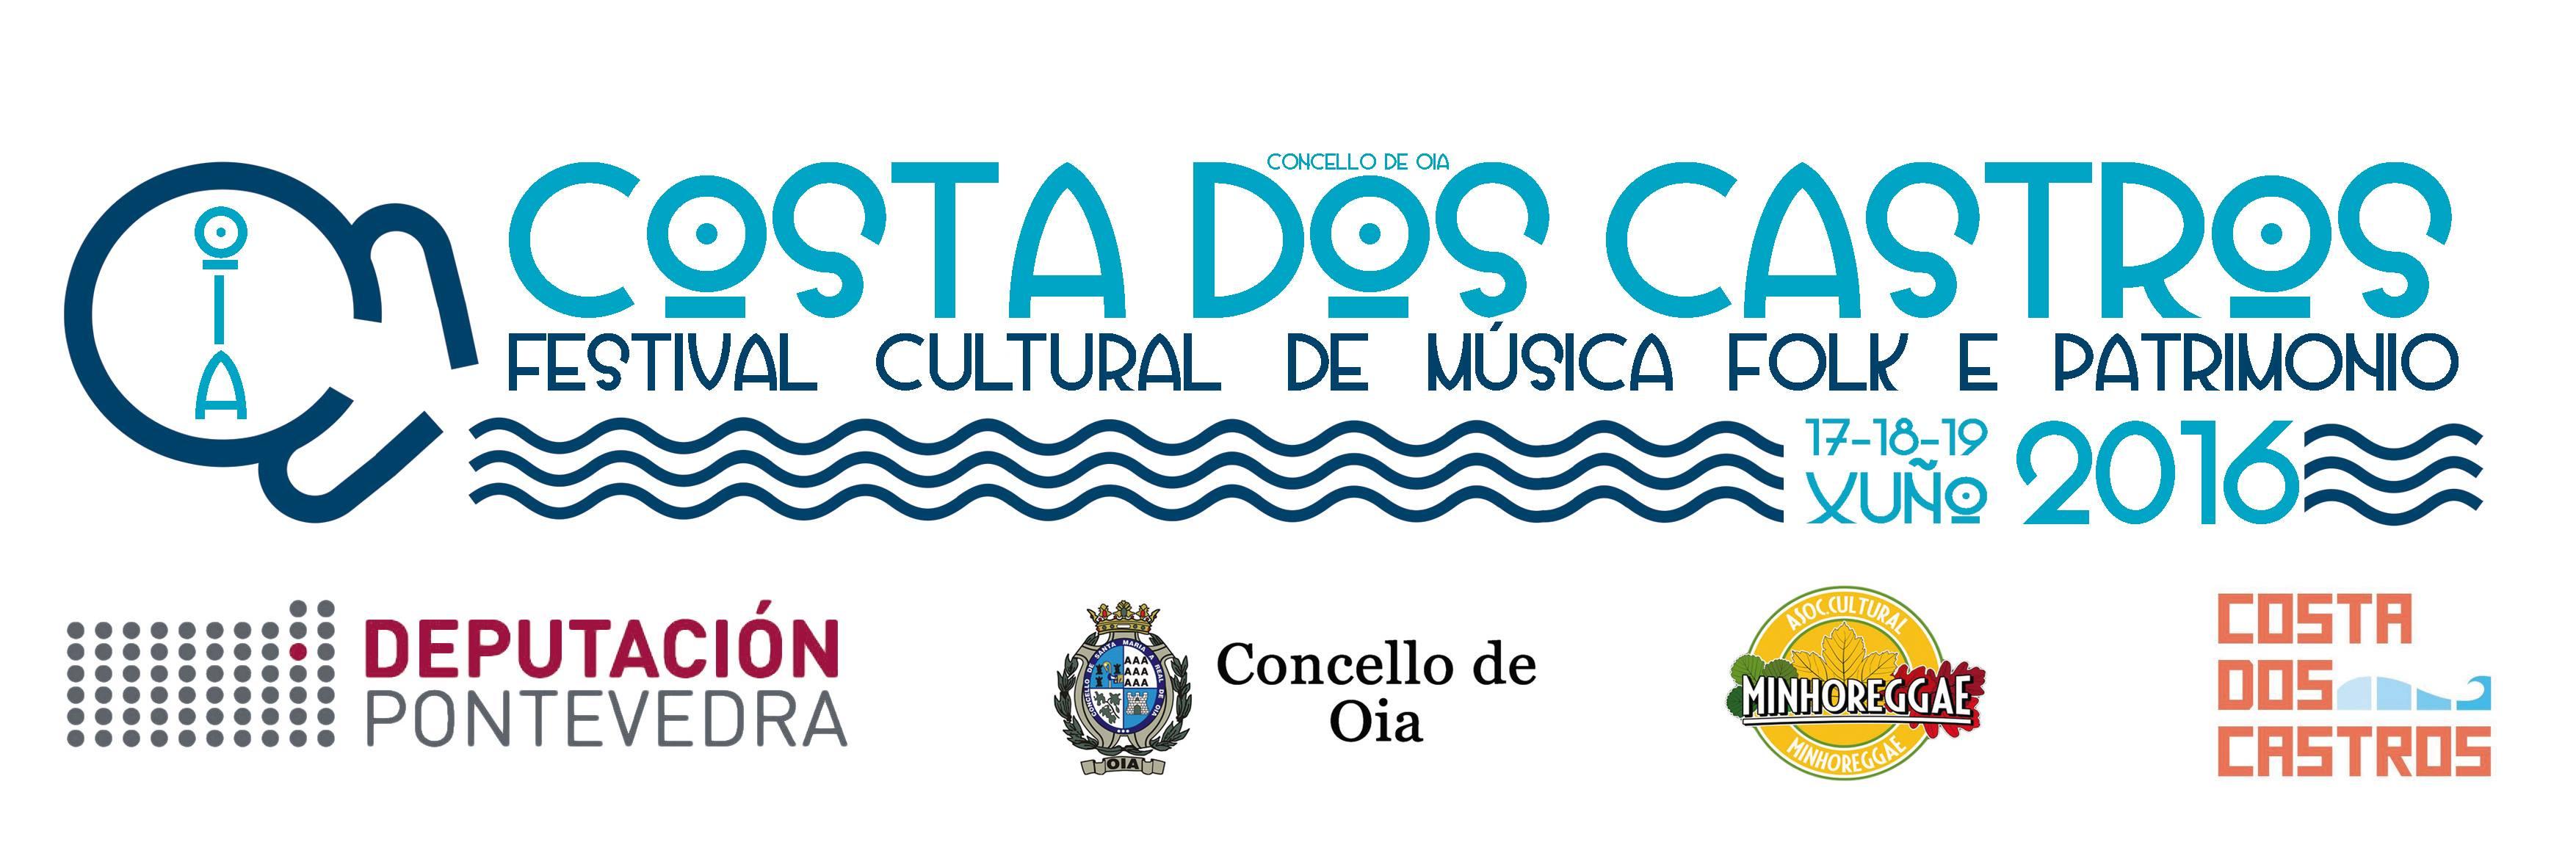 Festival Costa dos Castros 2016